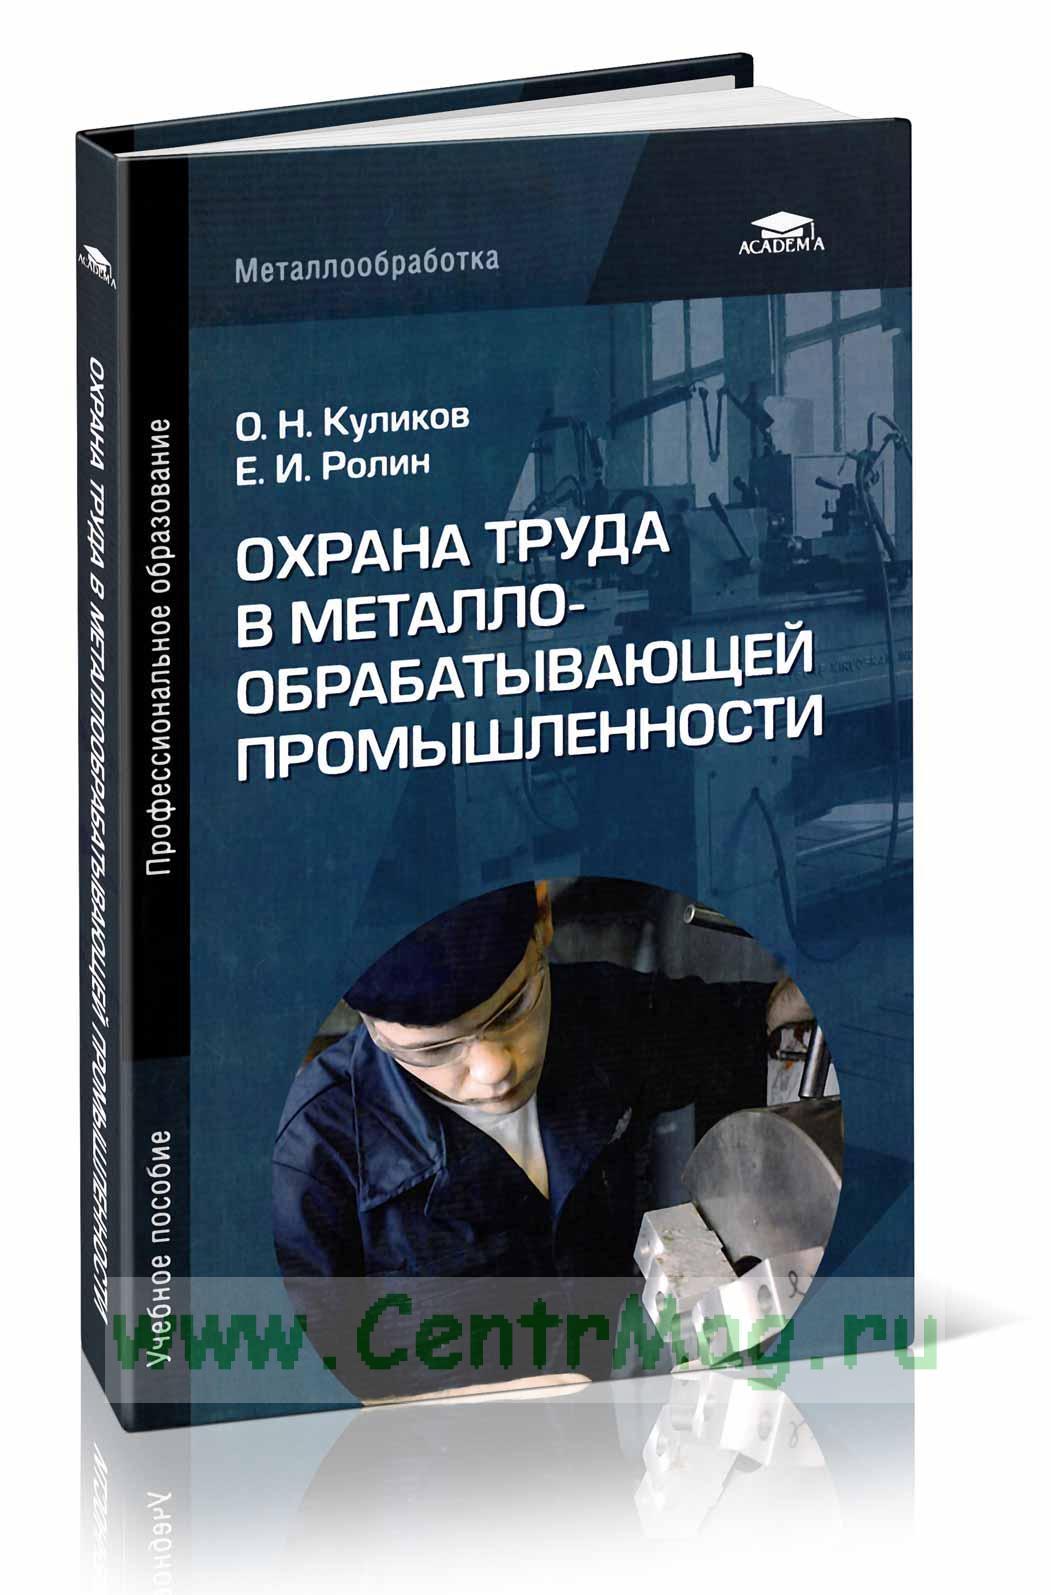 Охрана труда в металлообрабатывающей промышленности: учебное пособие (8-е издание, стеротипное)